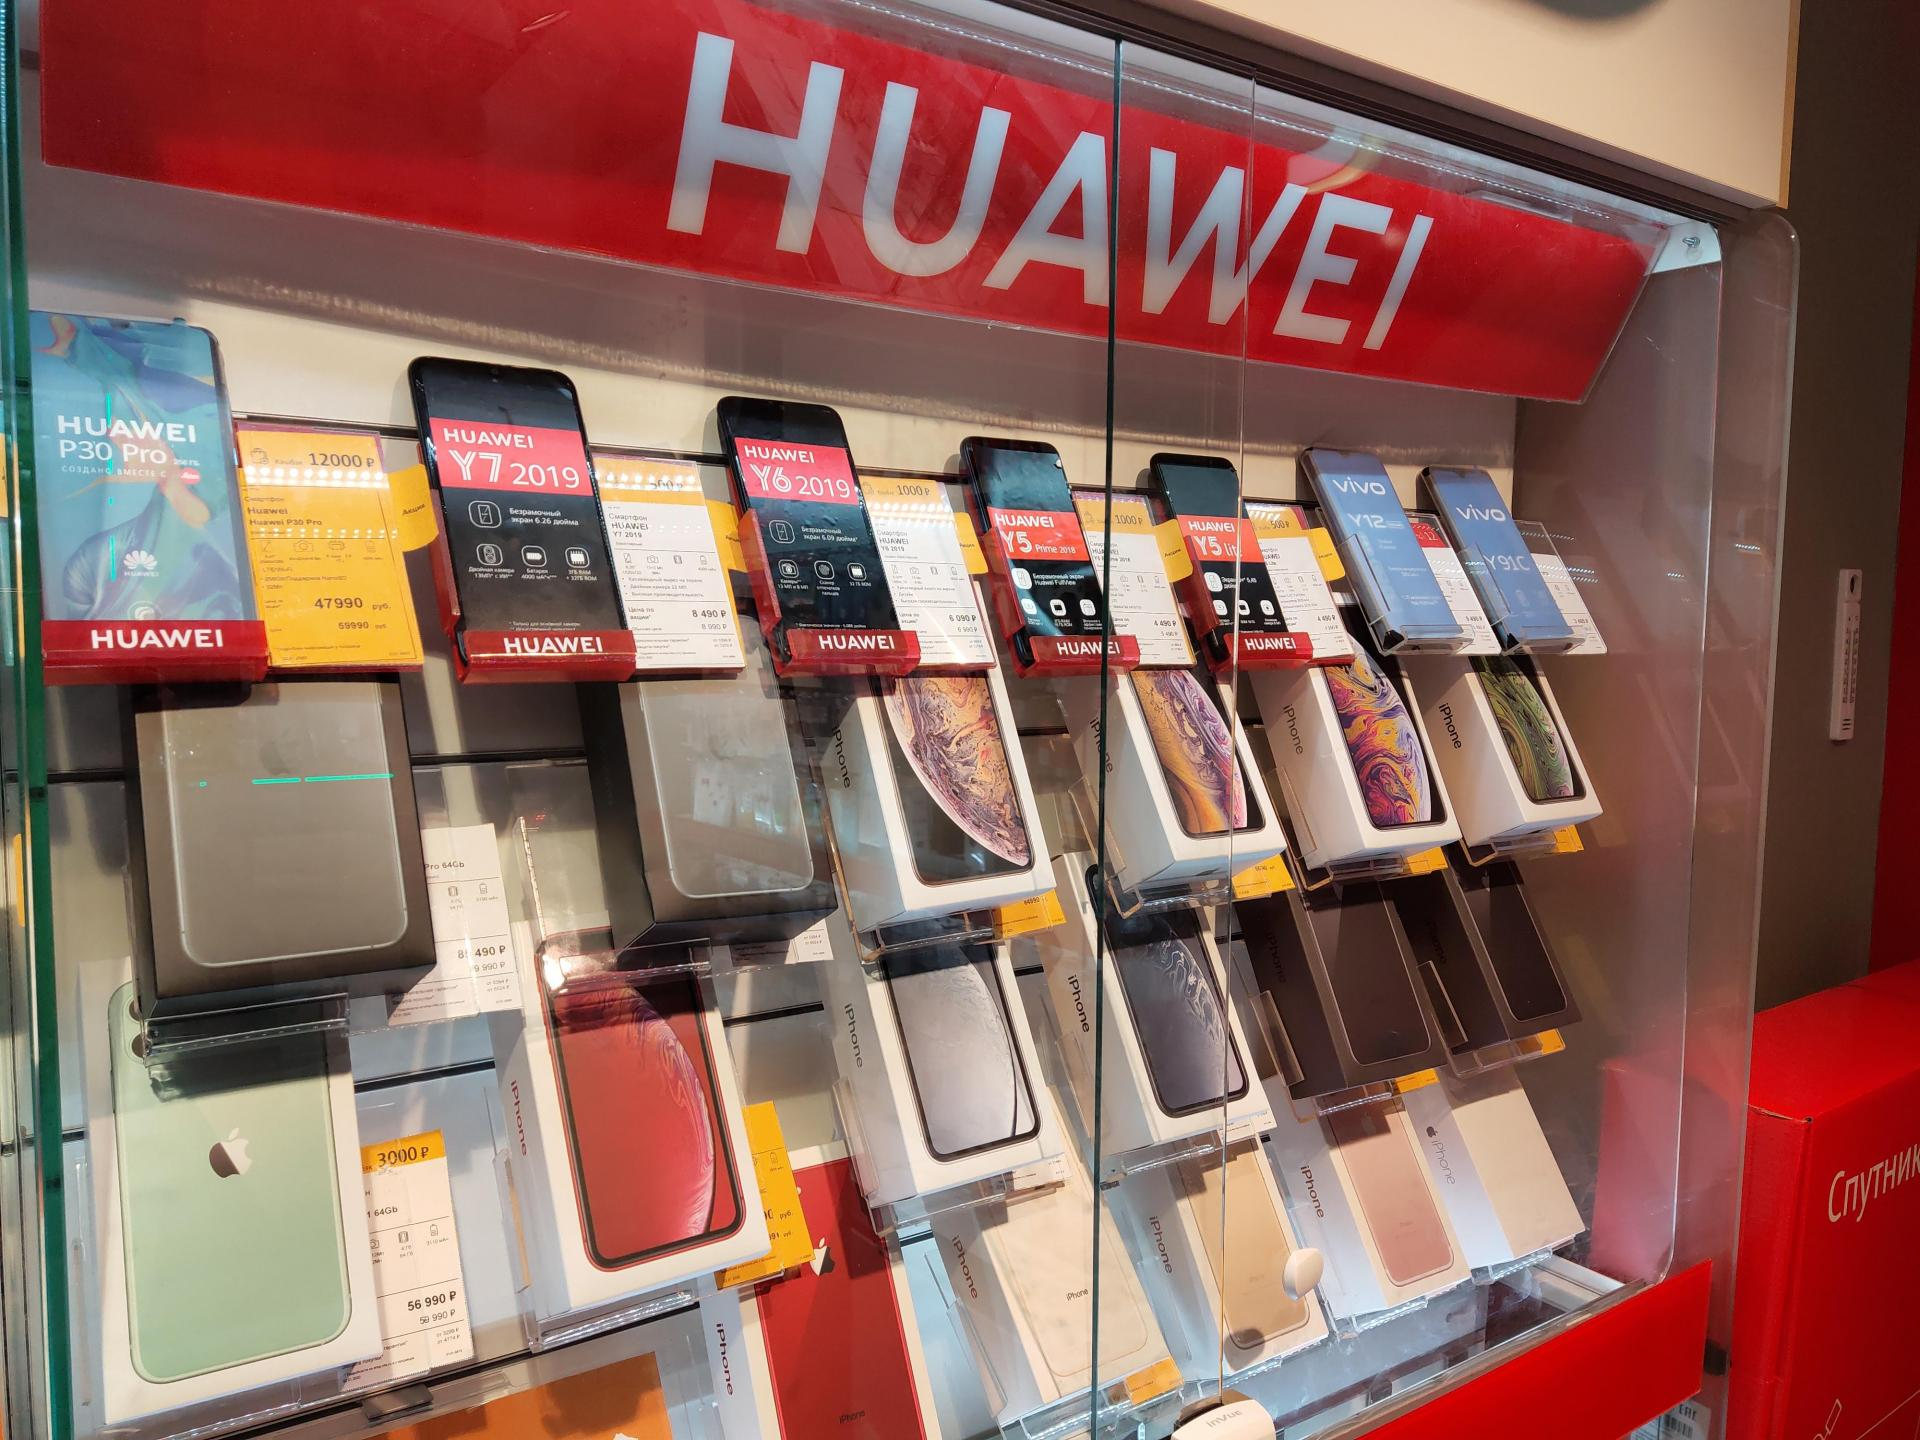 Huawei установит российскиепрограммы насмартфоны. Нехочет санкций вРФ